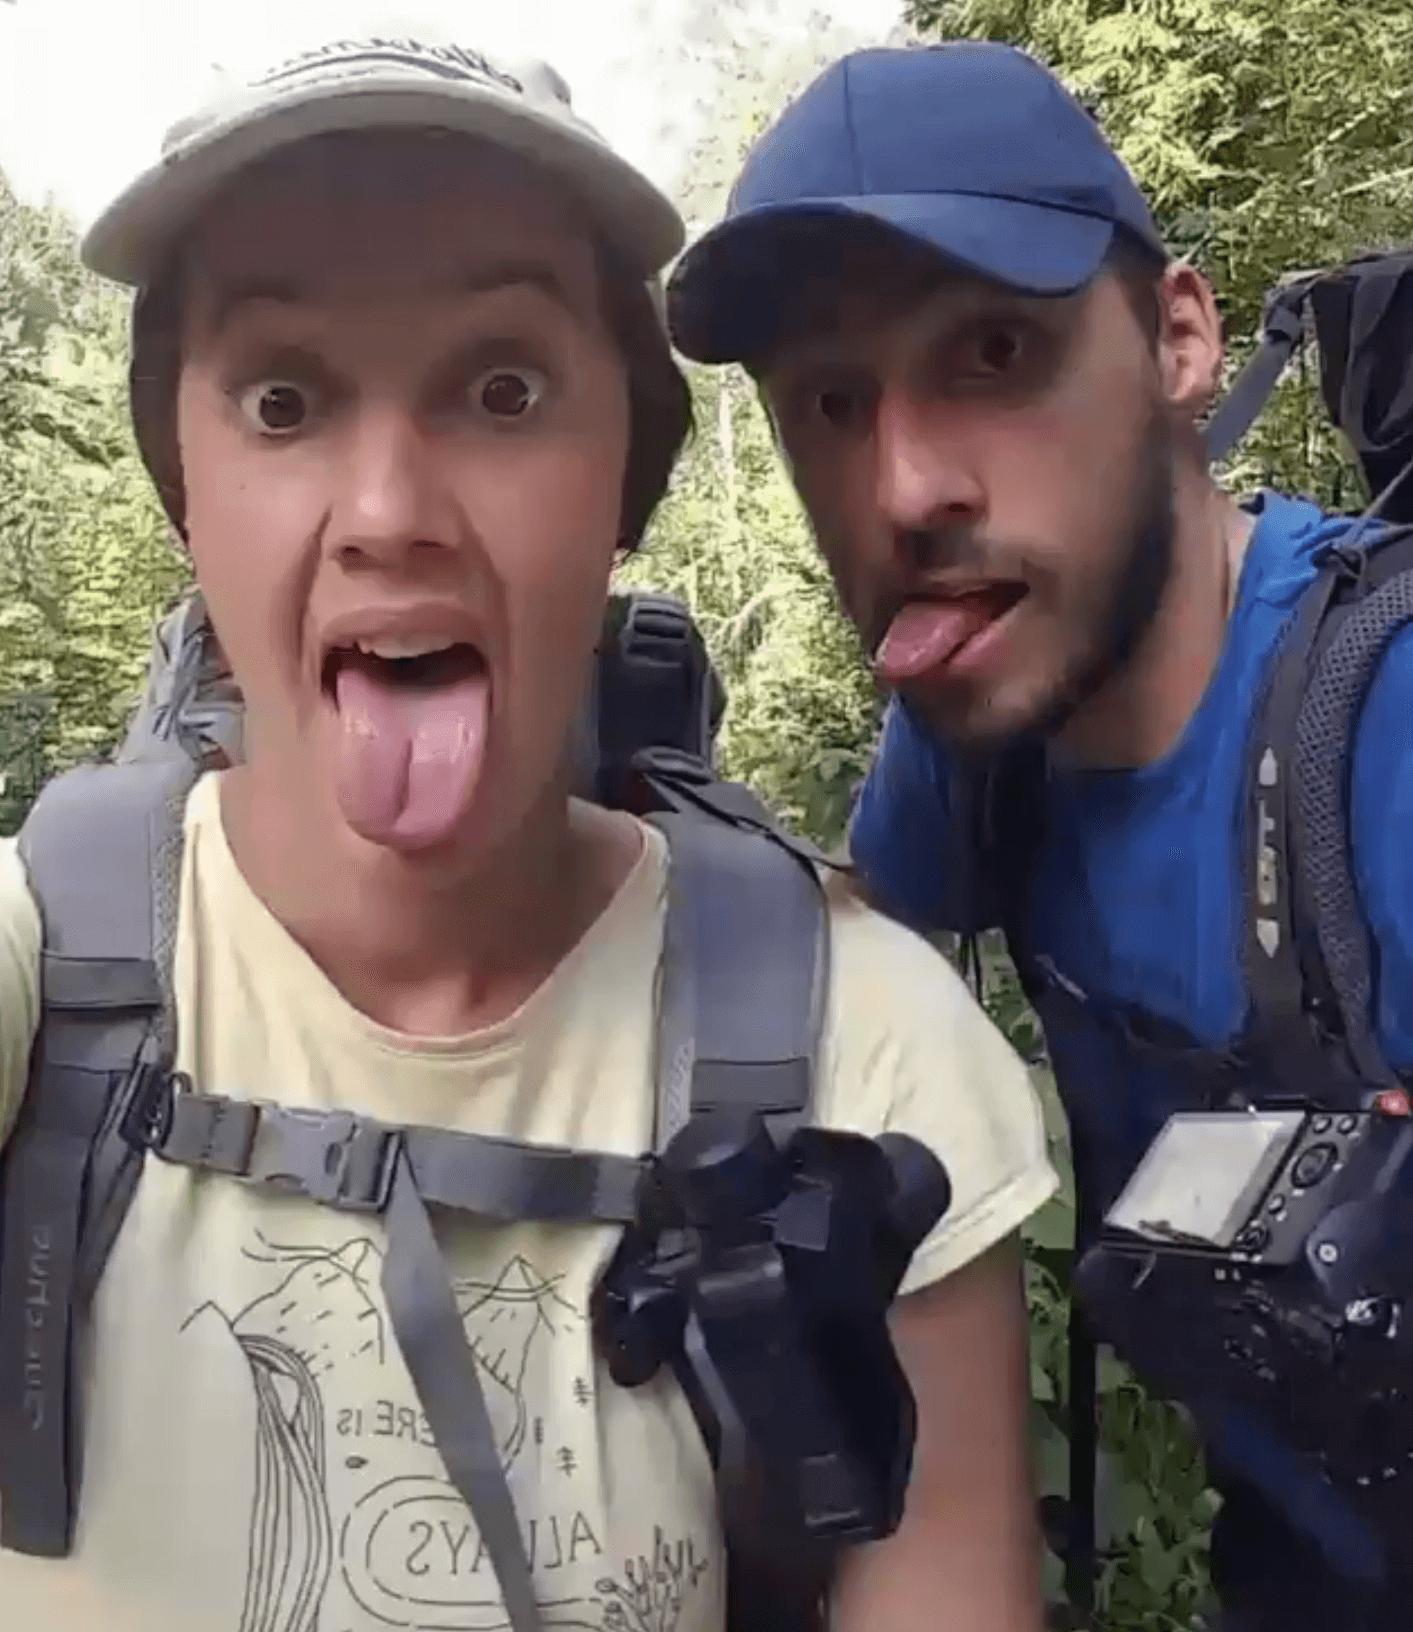 équipement photo en randonnée